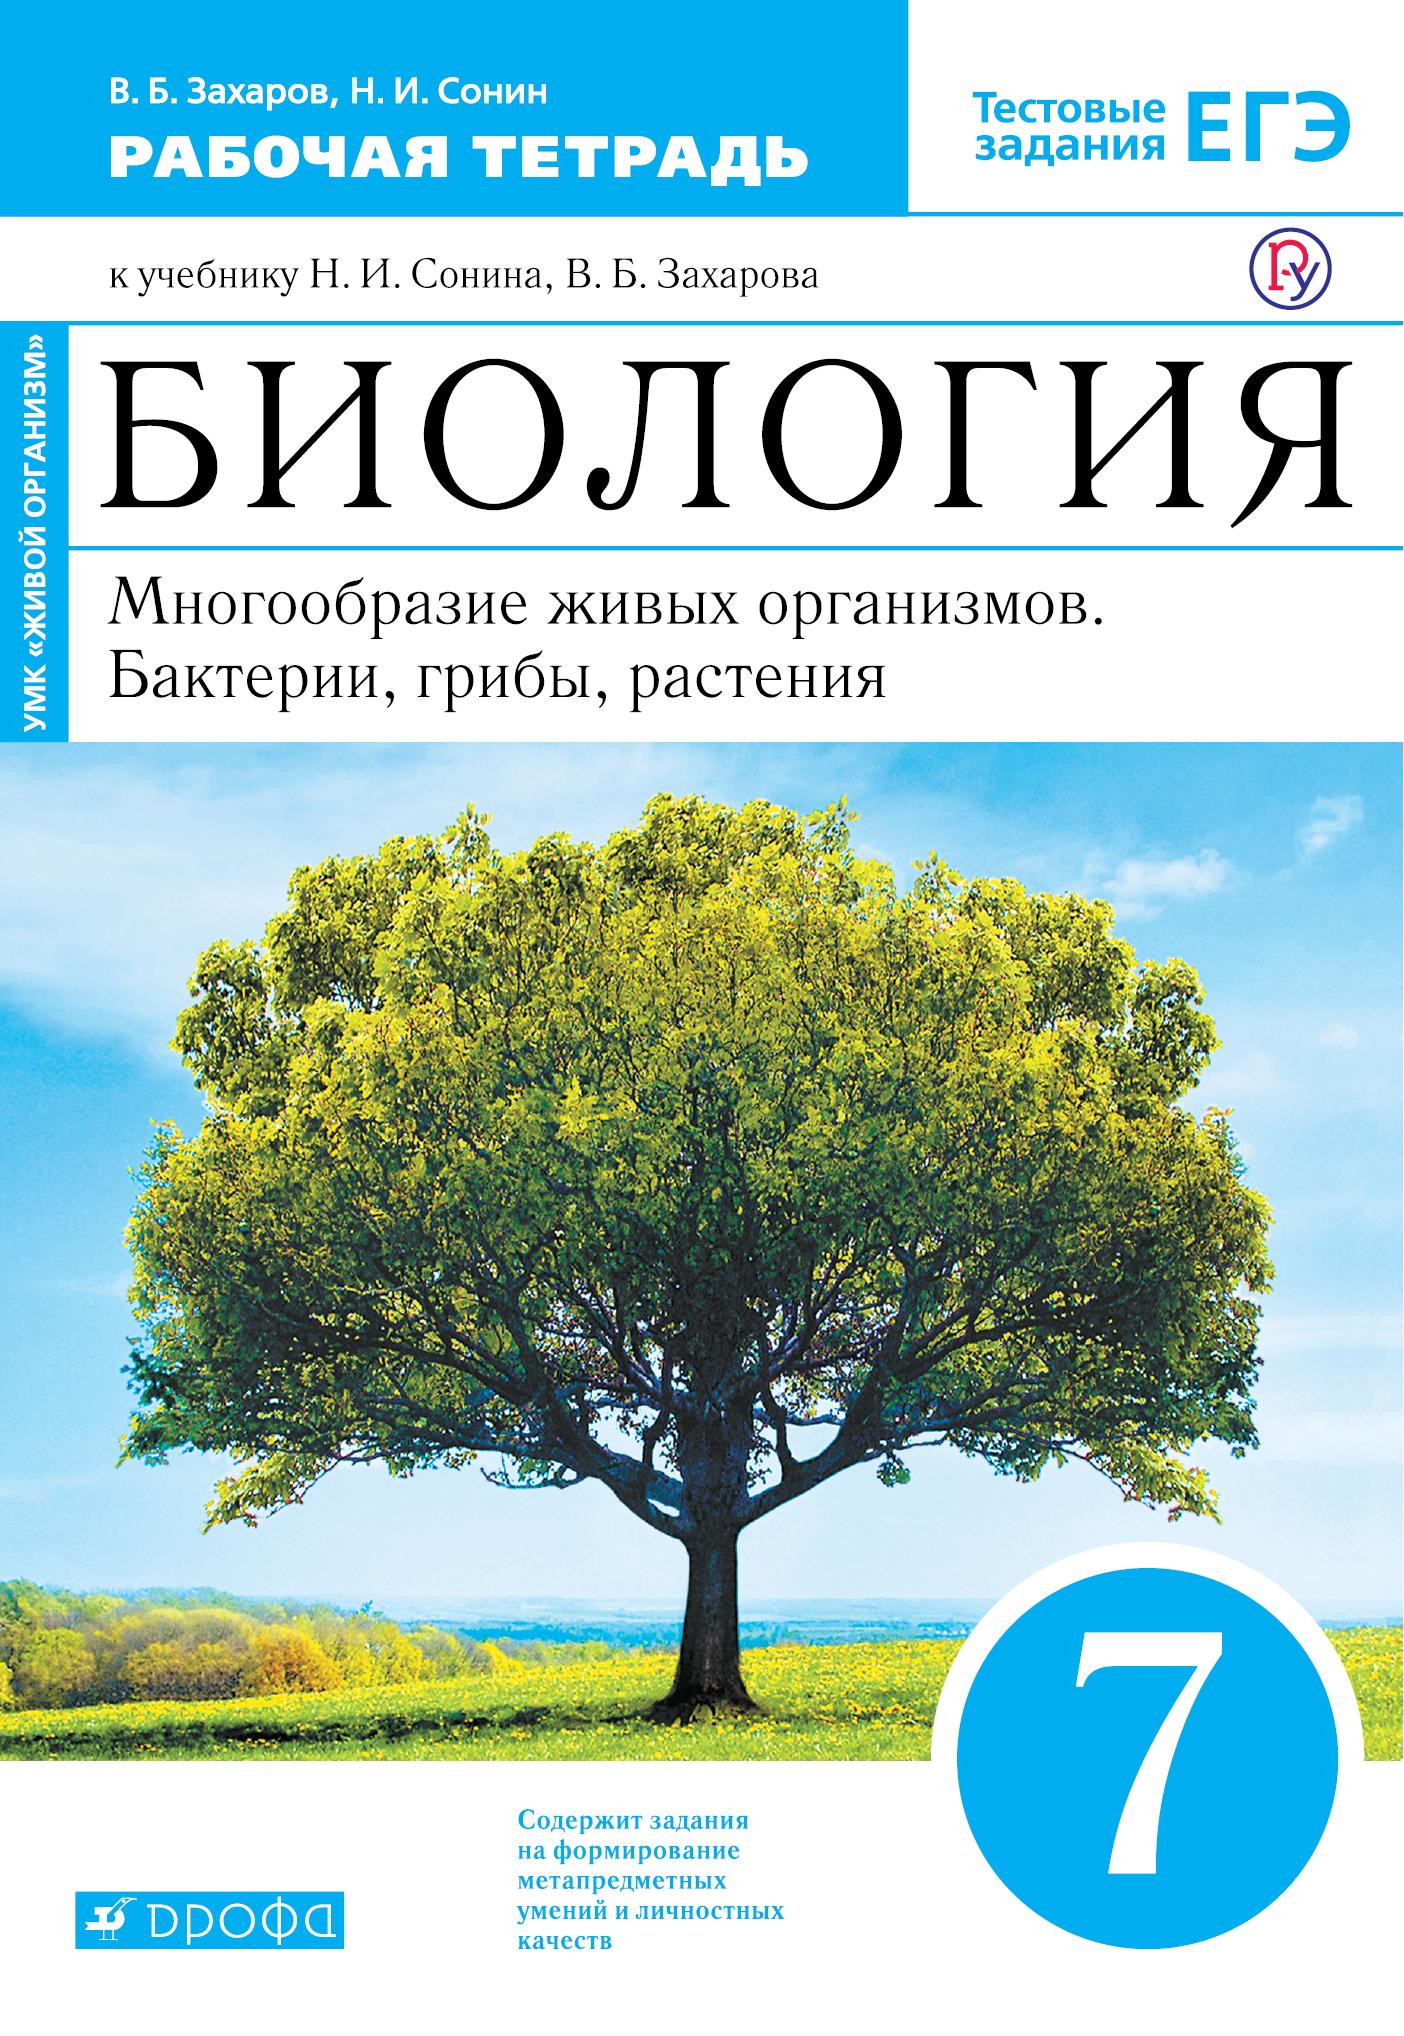 Захаров В.Б., Сонин Н.И. Биология. 7 класс. Многообразие живых организмов. Бактерии, грибы, растения. Рабочая тетрадь